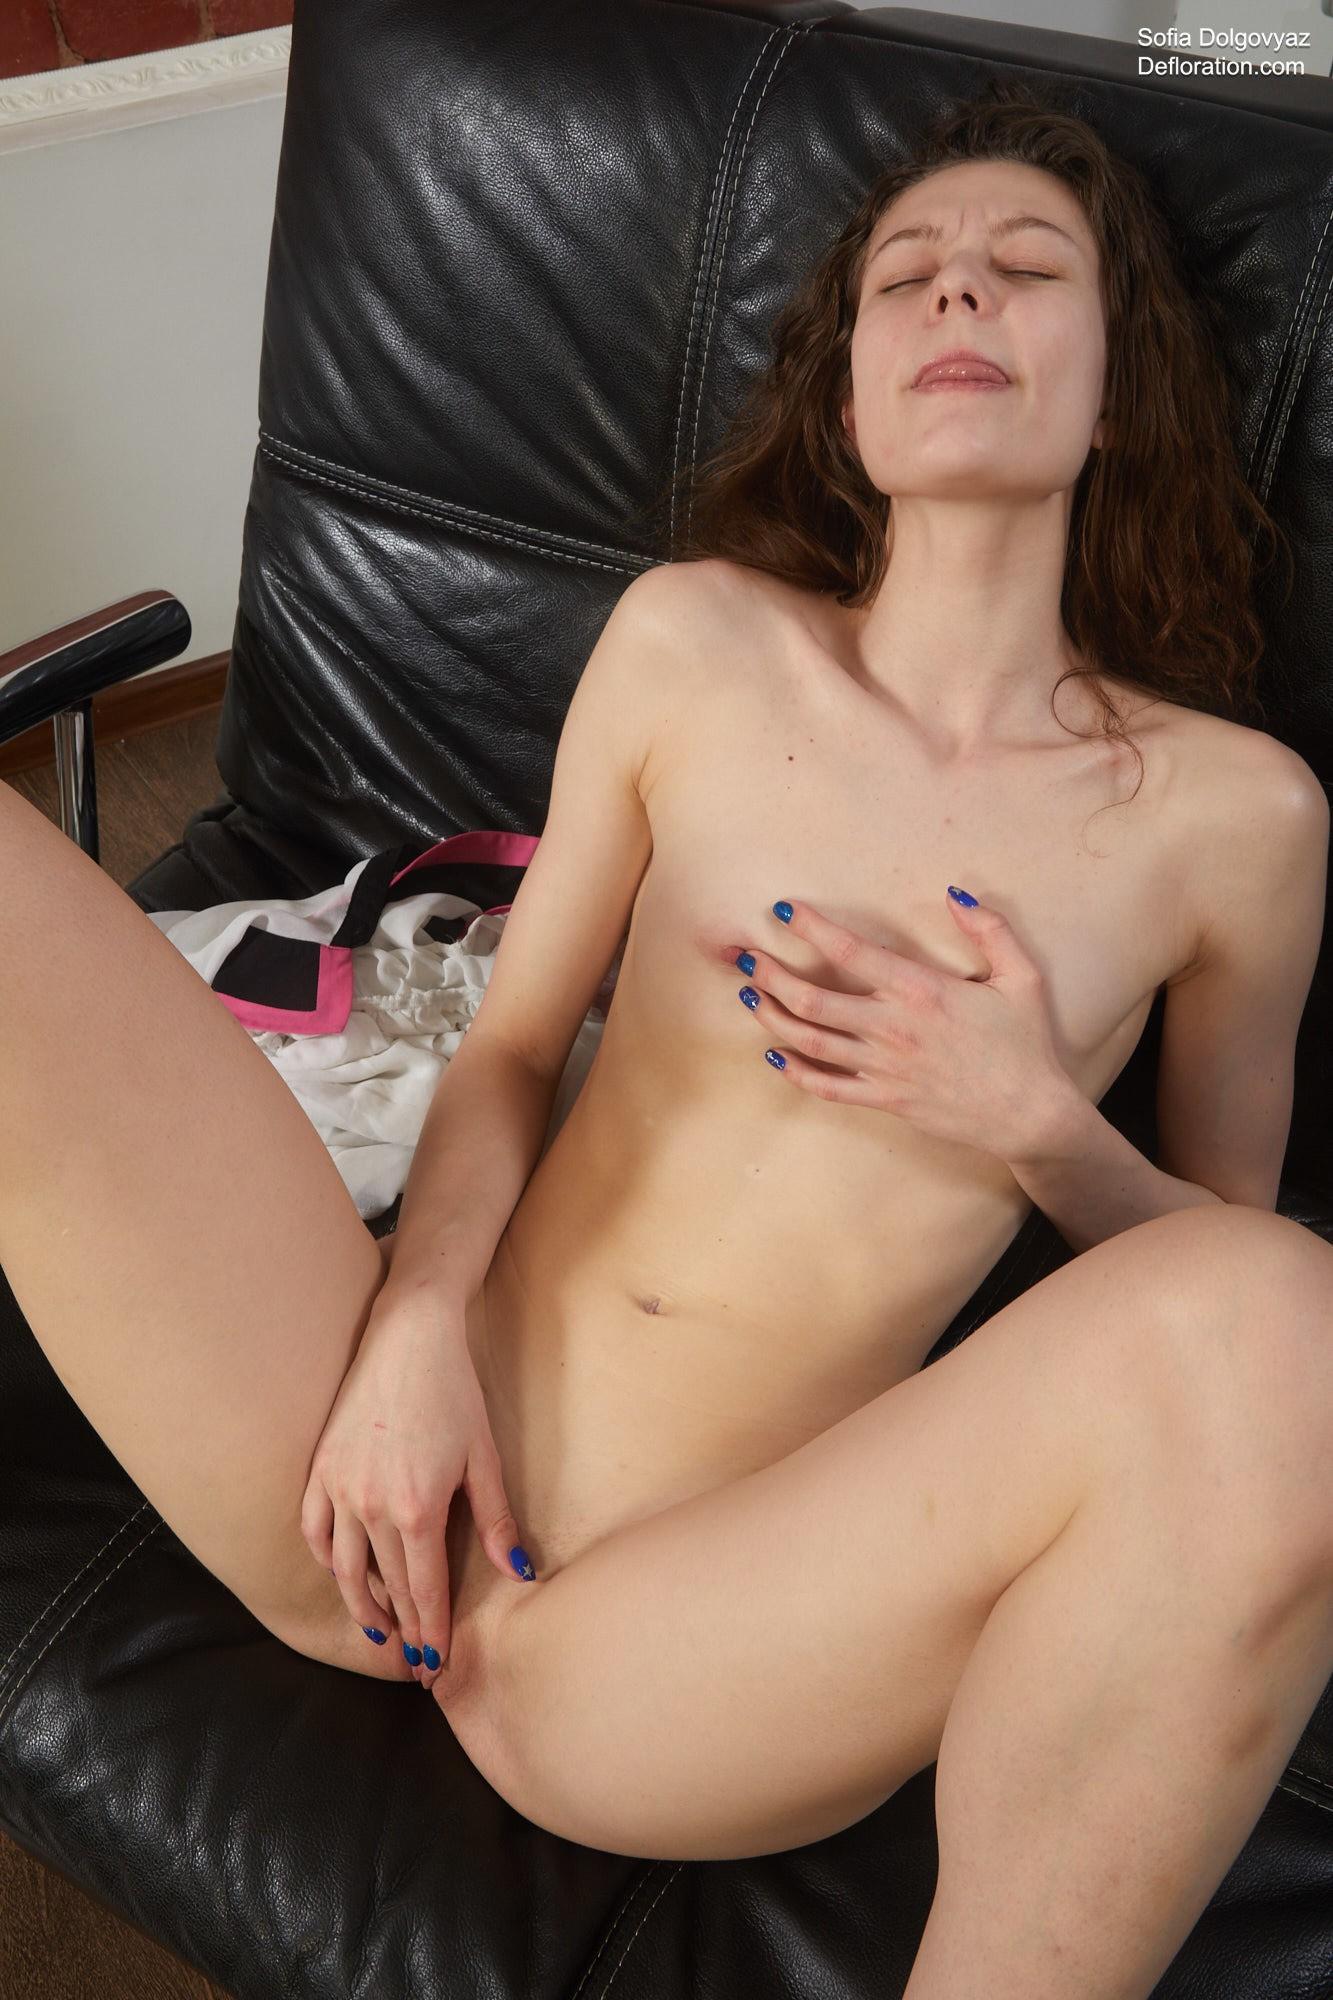 Раздвинув ноги мастурбирует на кожаном диване - фото